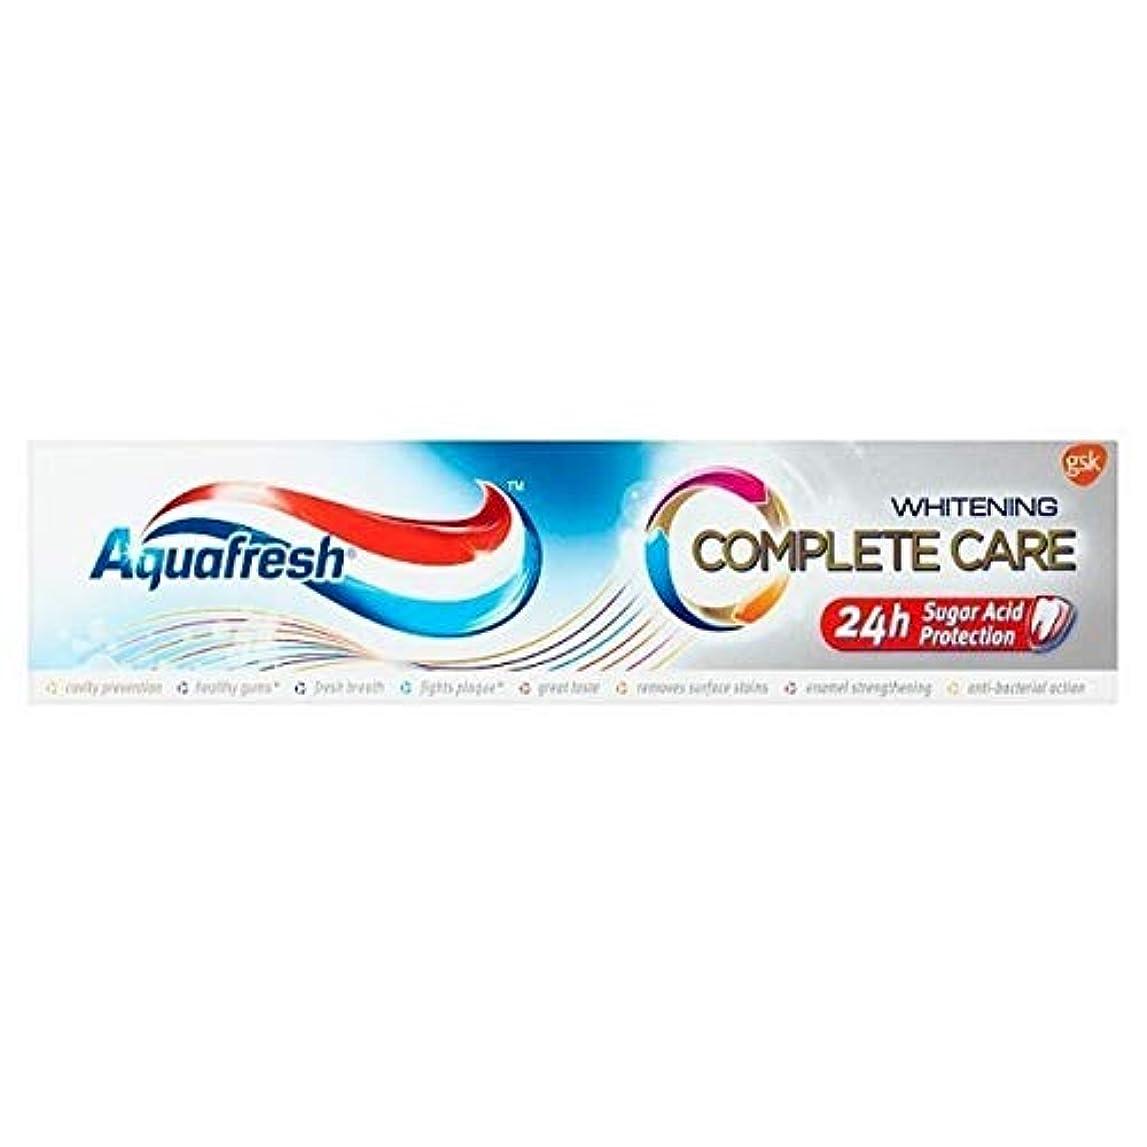 柔らかい心から扱う[Aquafresh ] アクアフレッシュ完全なケア美白100ミリリットル - Aquafresh Complete Care Whitening 100ml [並行輸入品]